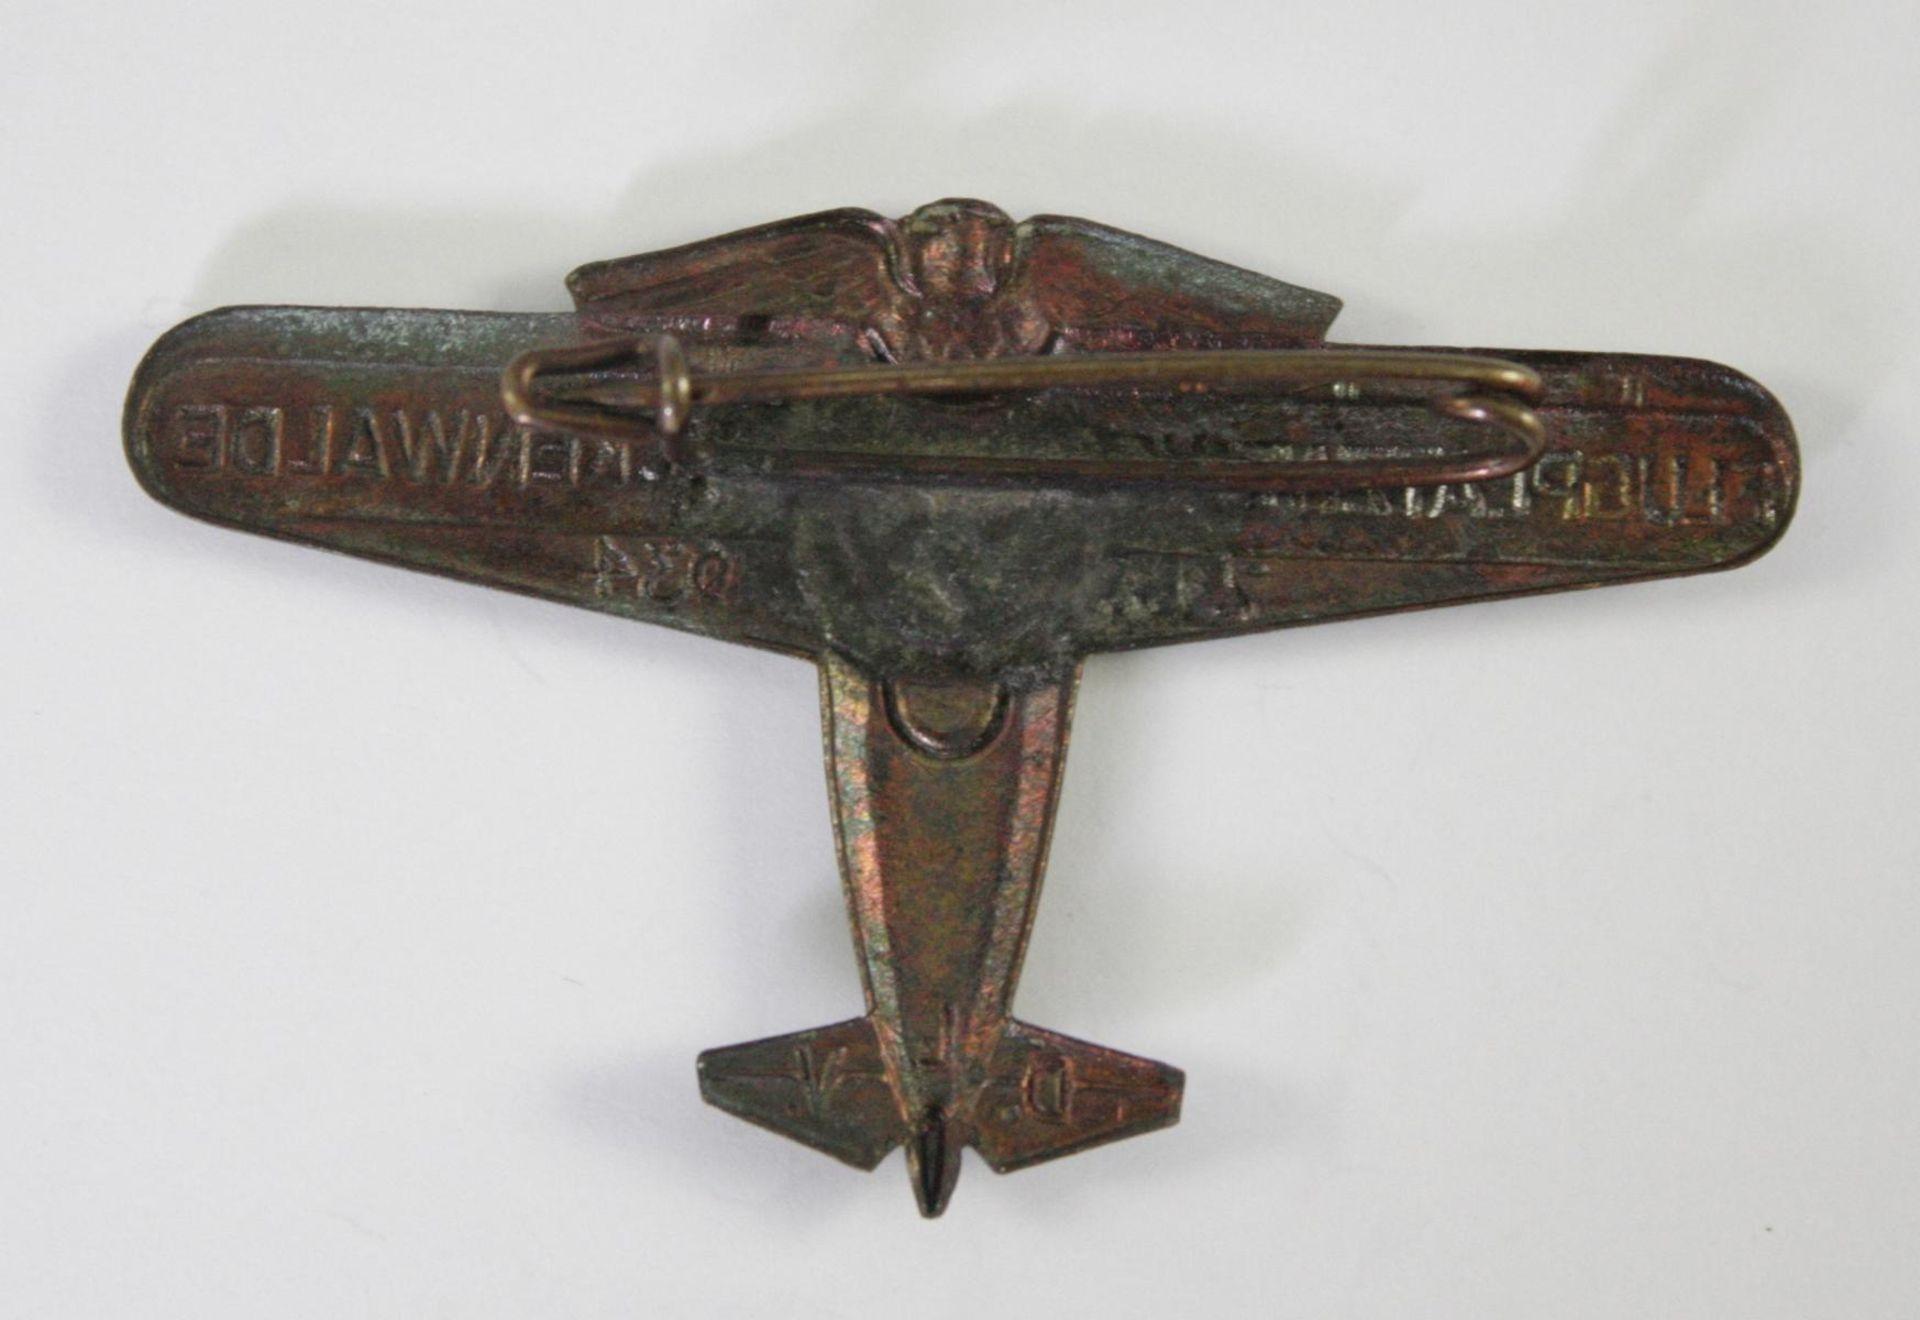 Veranstaltungsabzeichen, Flugplatzweihe Luckenwalde 1934 - Bild 2 aus 2